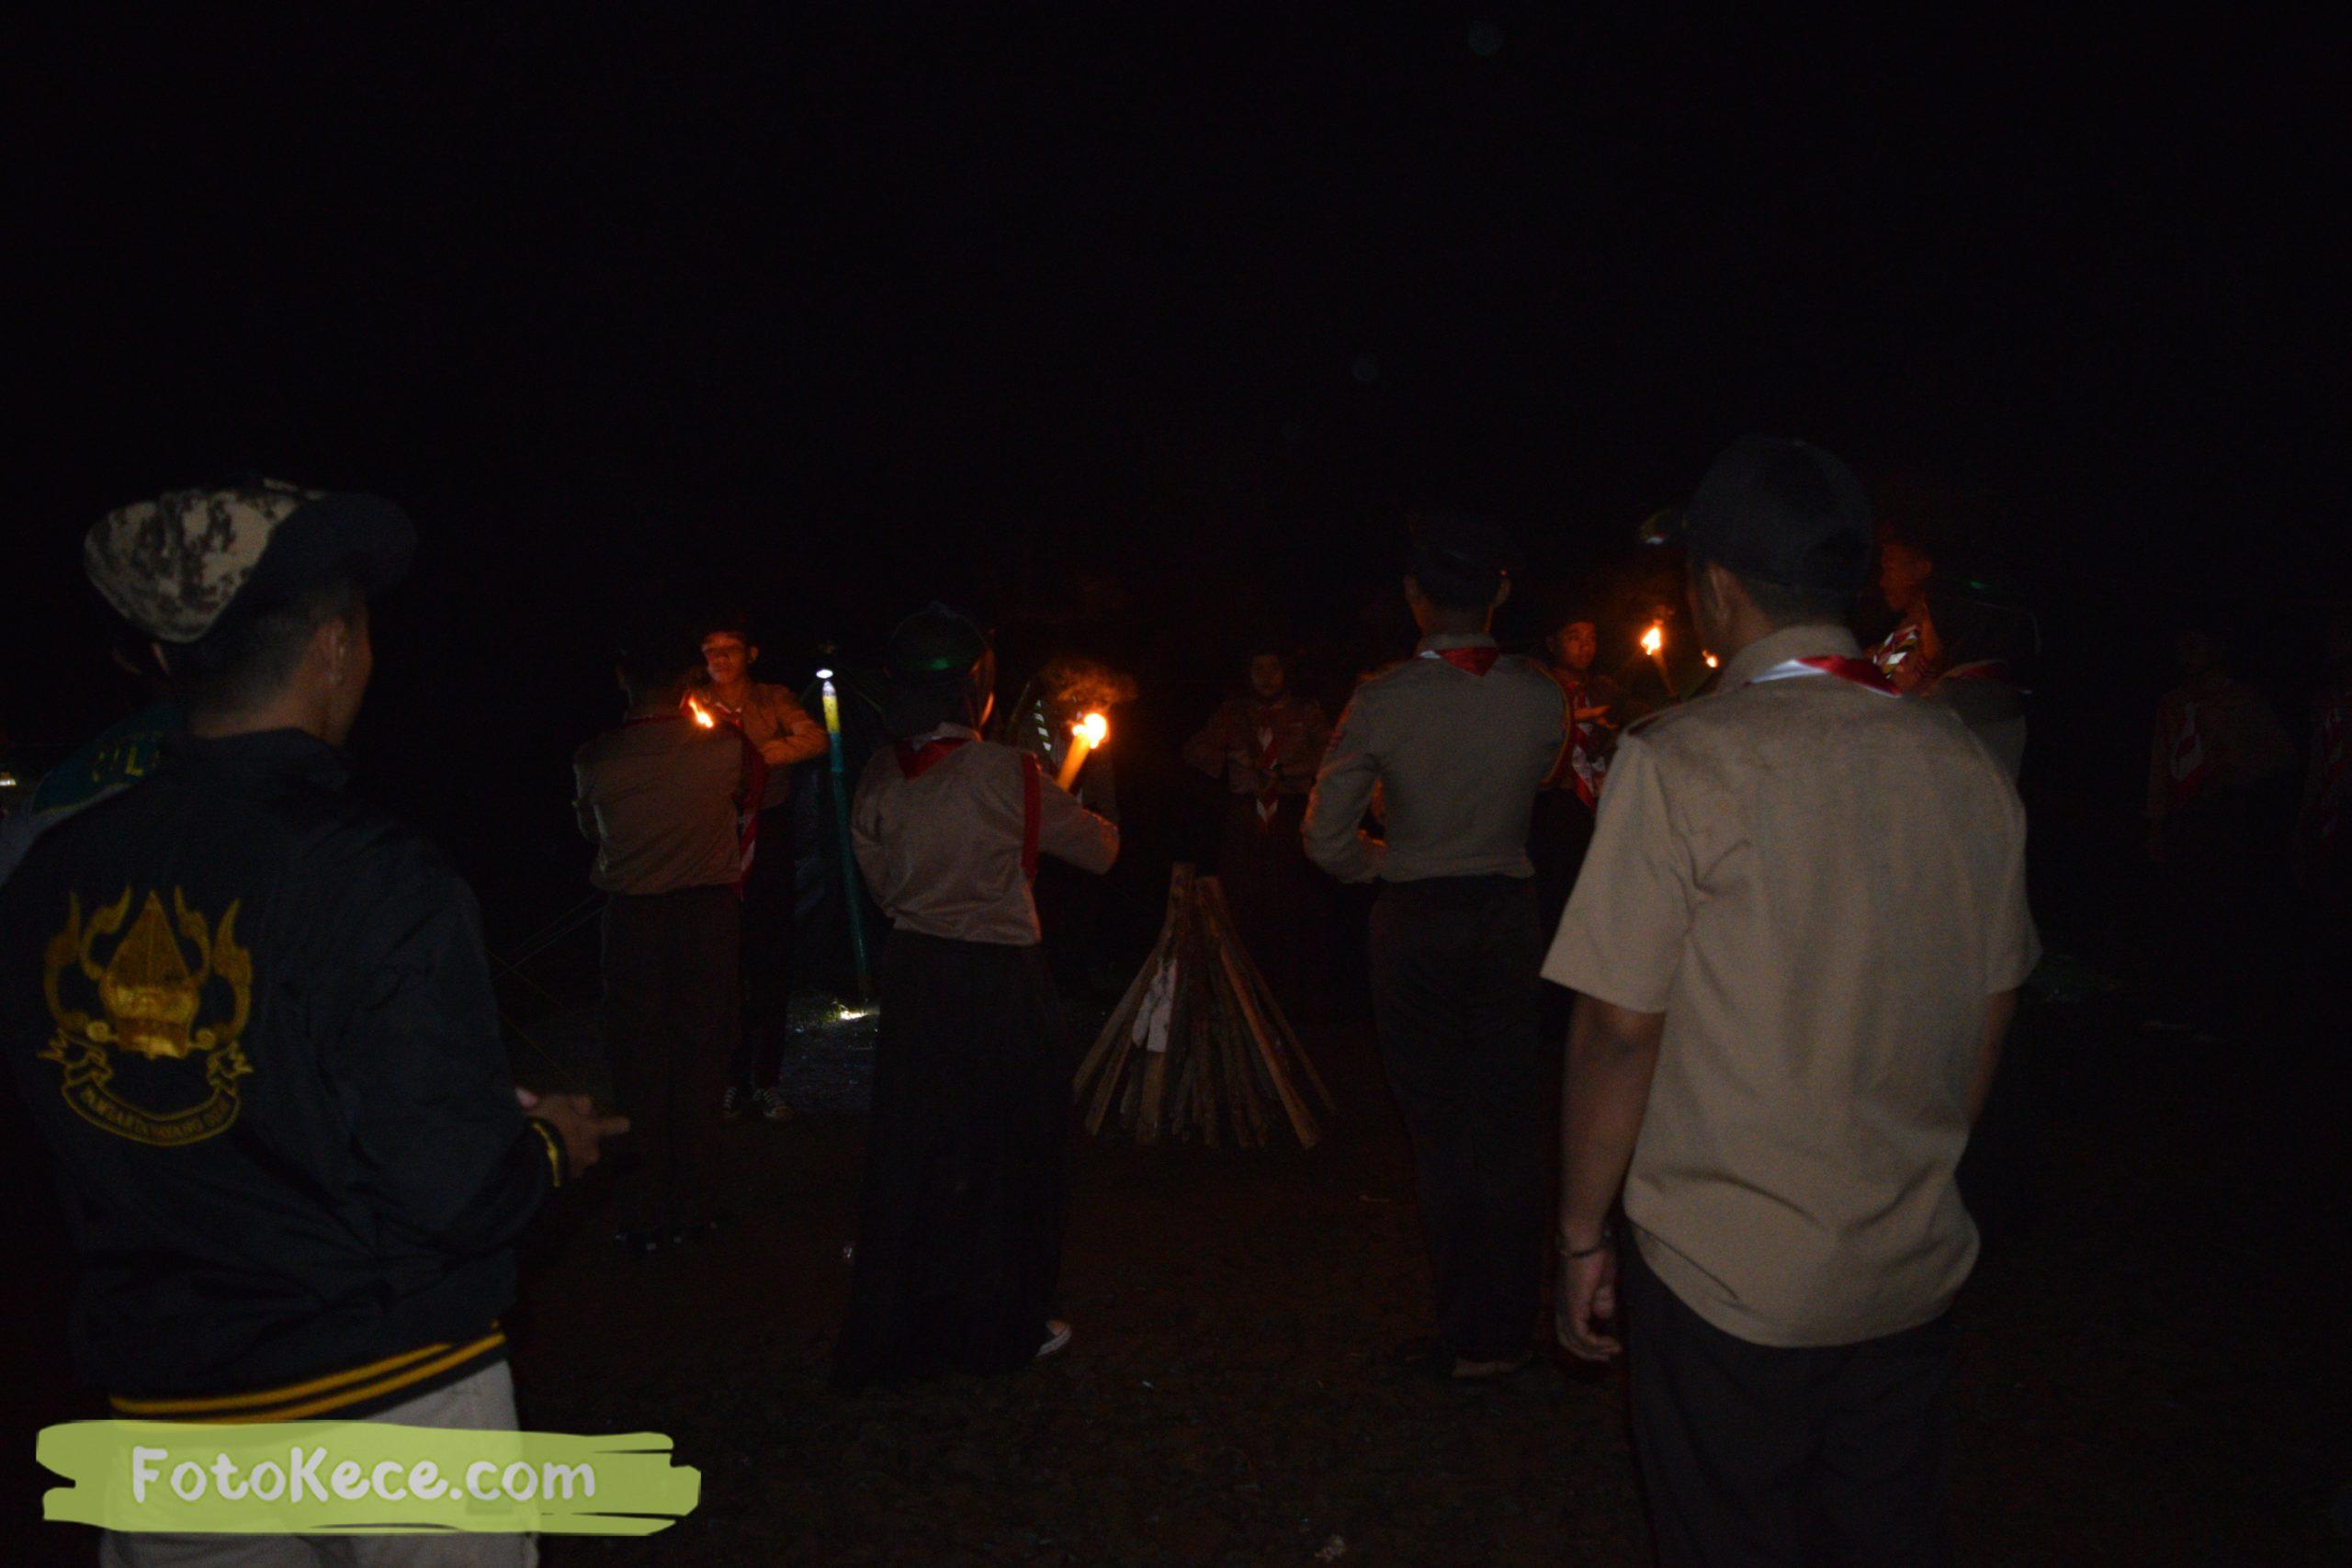 kegiatan sore malam perkemahan narakarya 1 mtsn 2 sukabumi 24 25 januari 2020 pramuka hebat puncak buluh foto kece 58 scaled